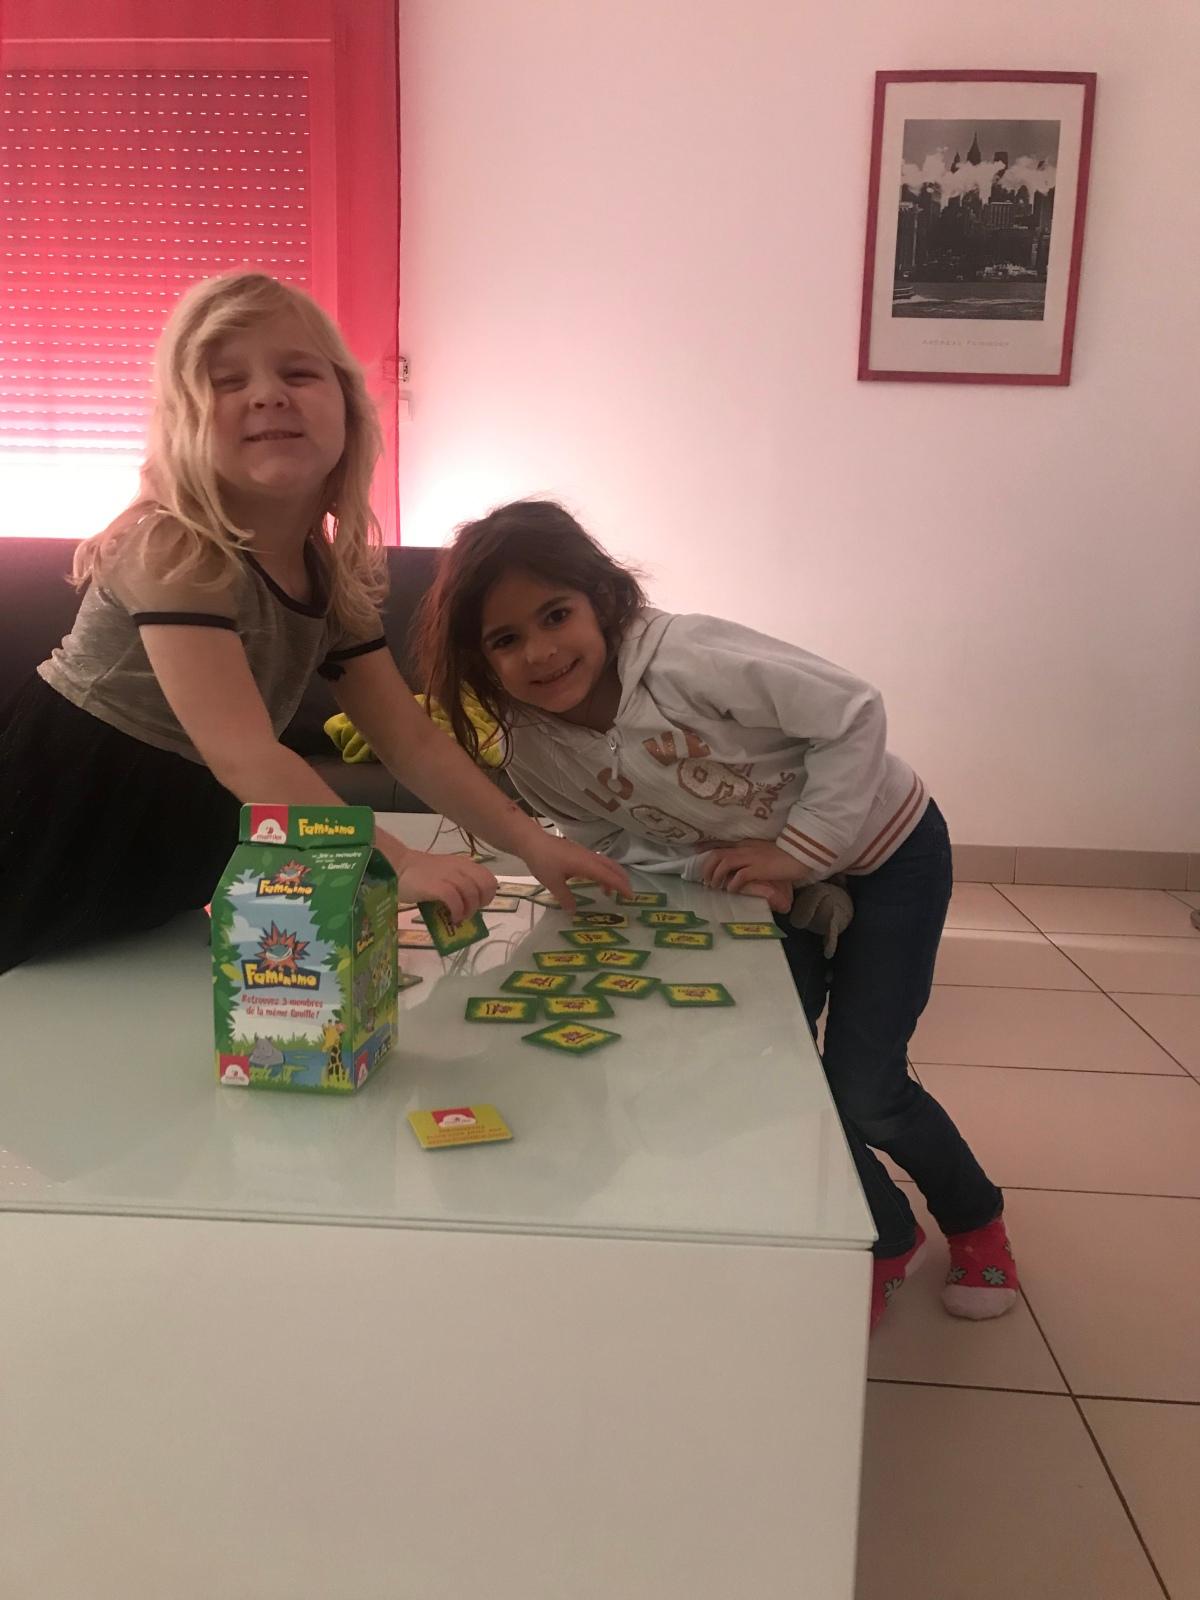 Faminimo: un jeu idéal pour s'amuser enfamille!